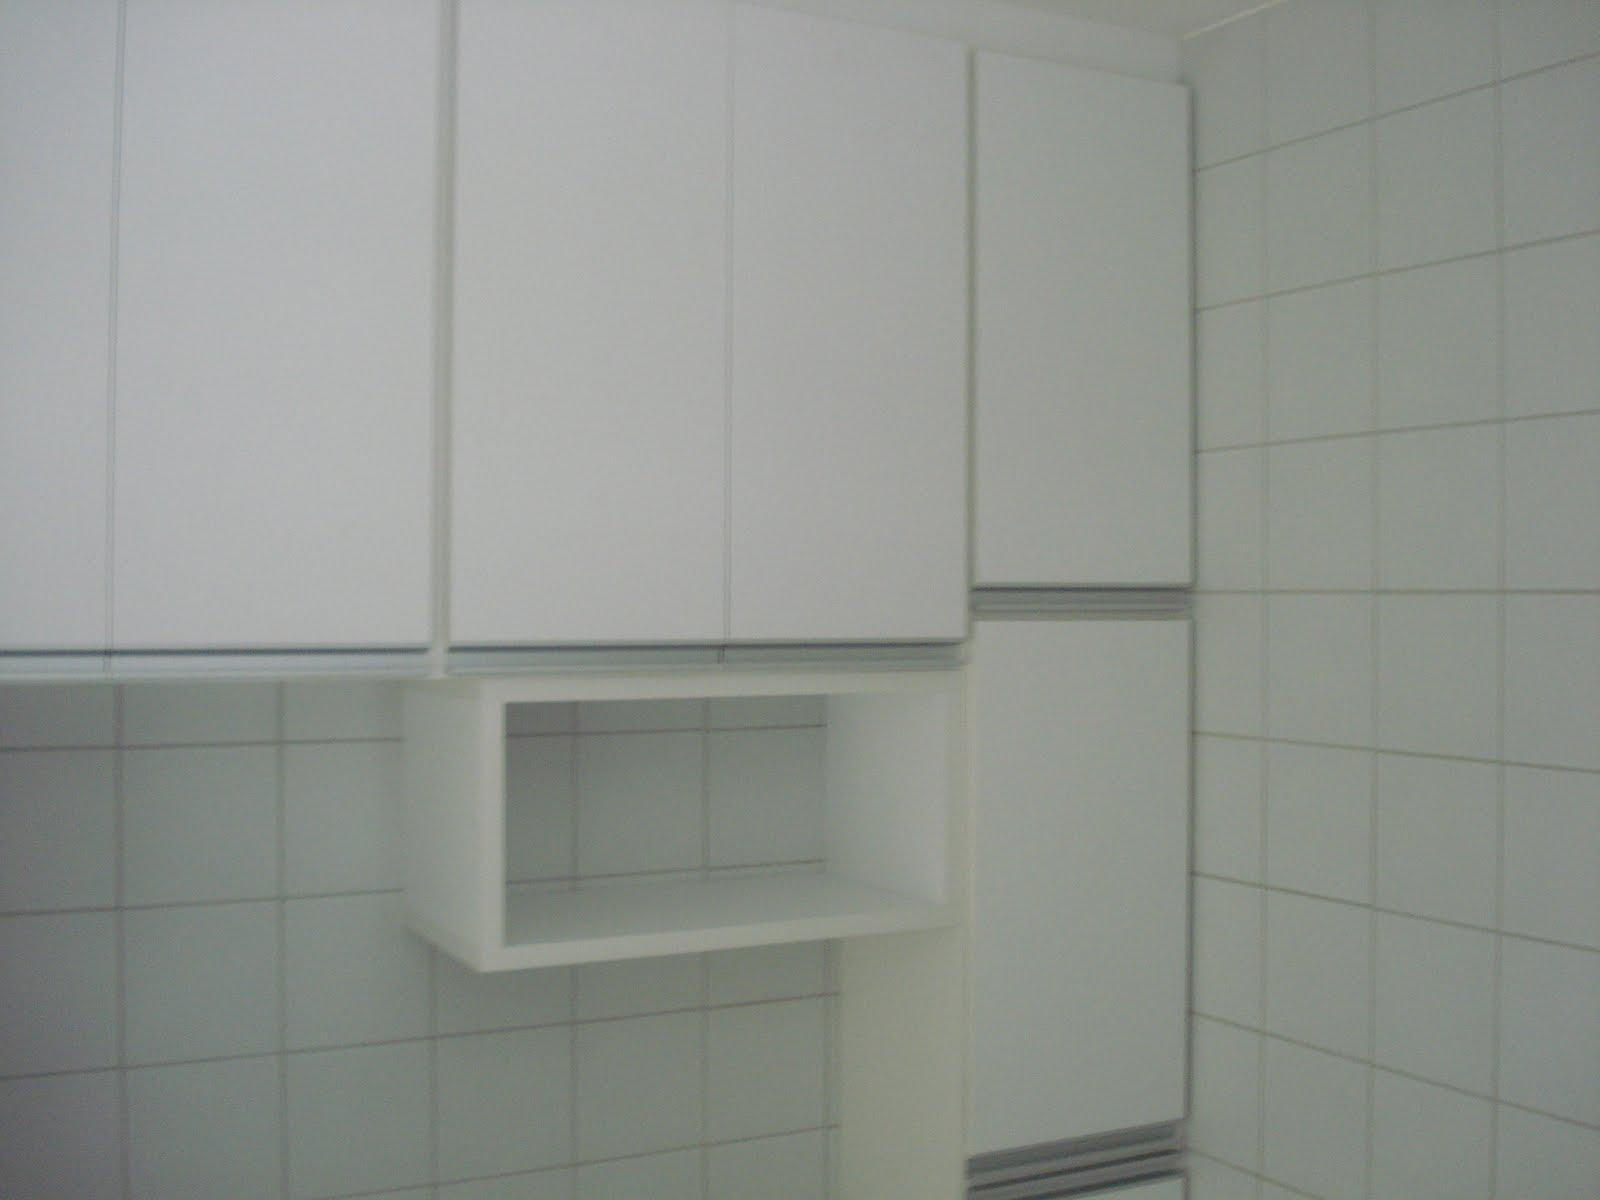 #646962 sábado 24 de abril de 2010 1600x1200 px Armario De Cozinha Compacta Mdf #1969 imagens